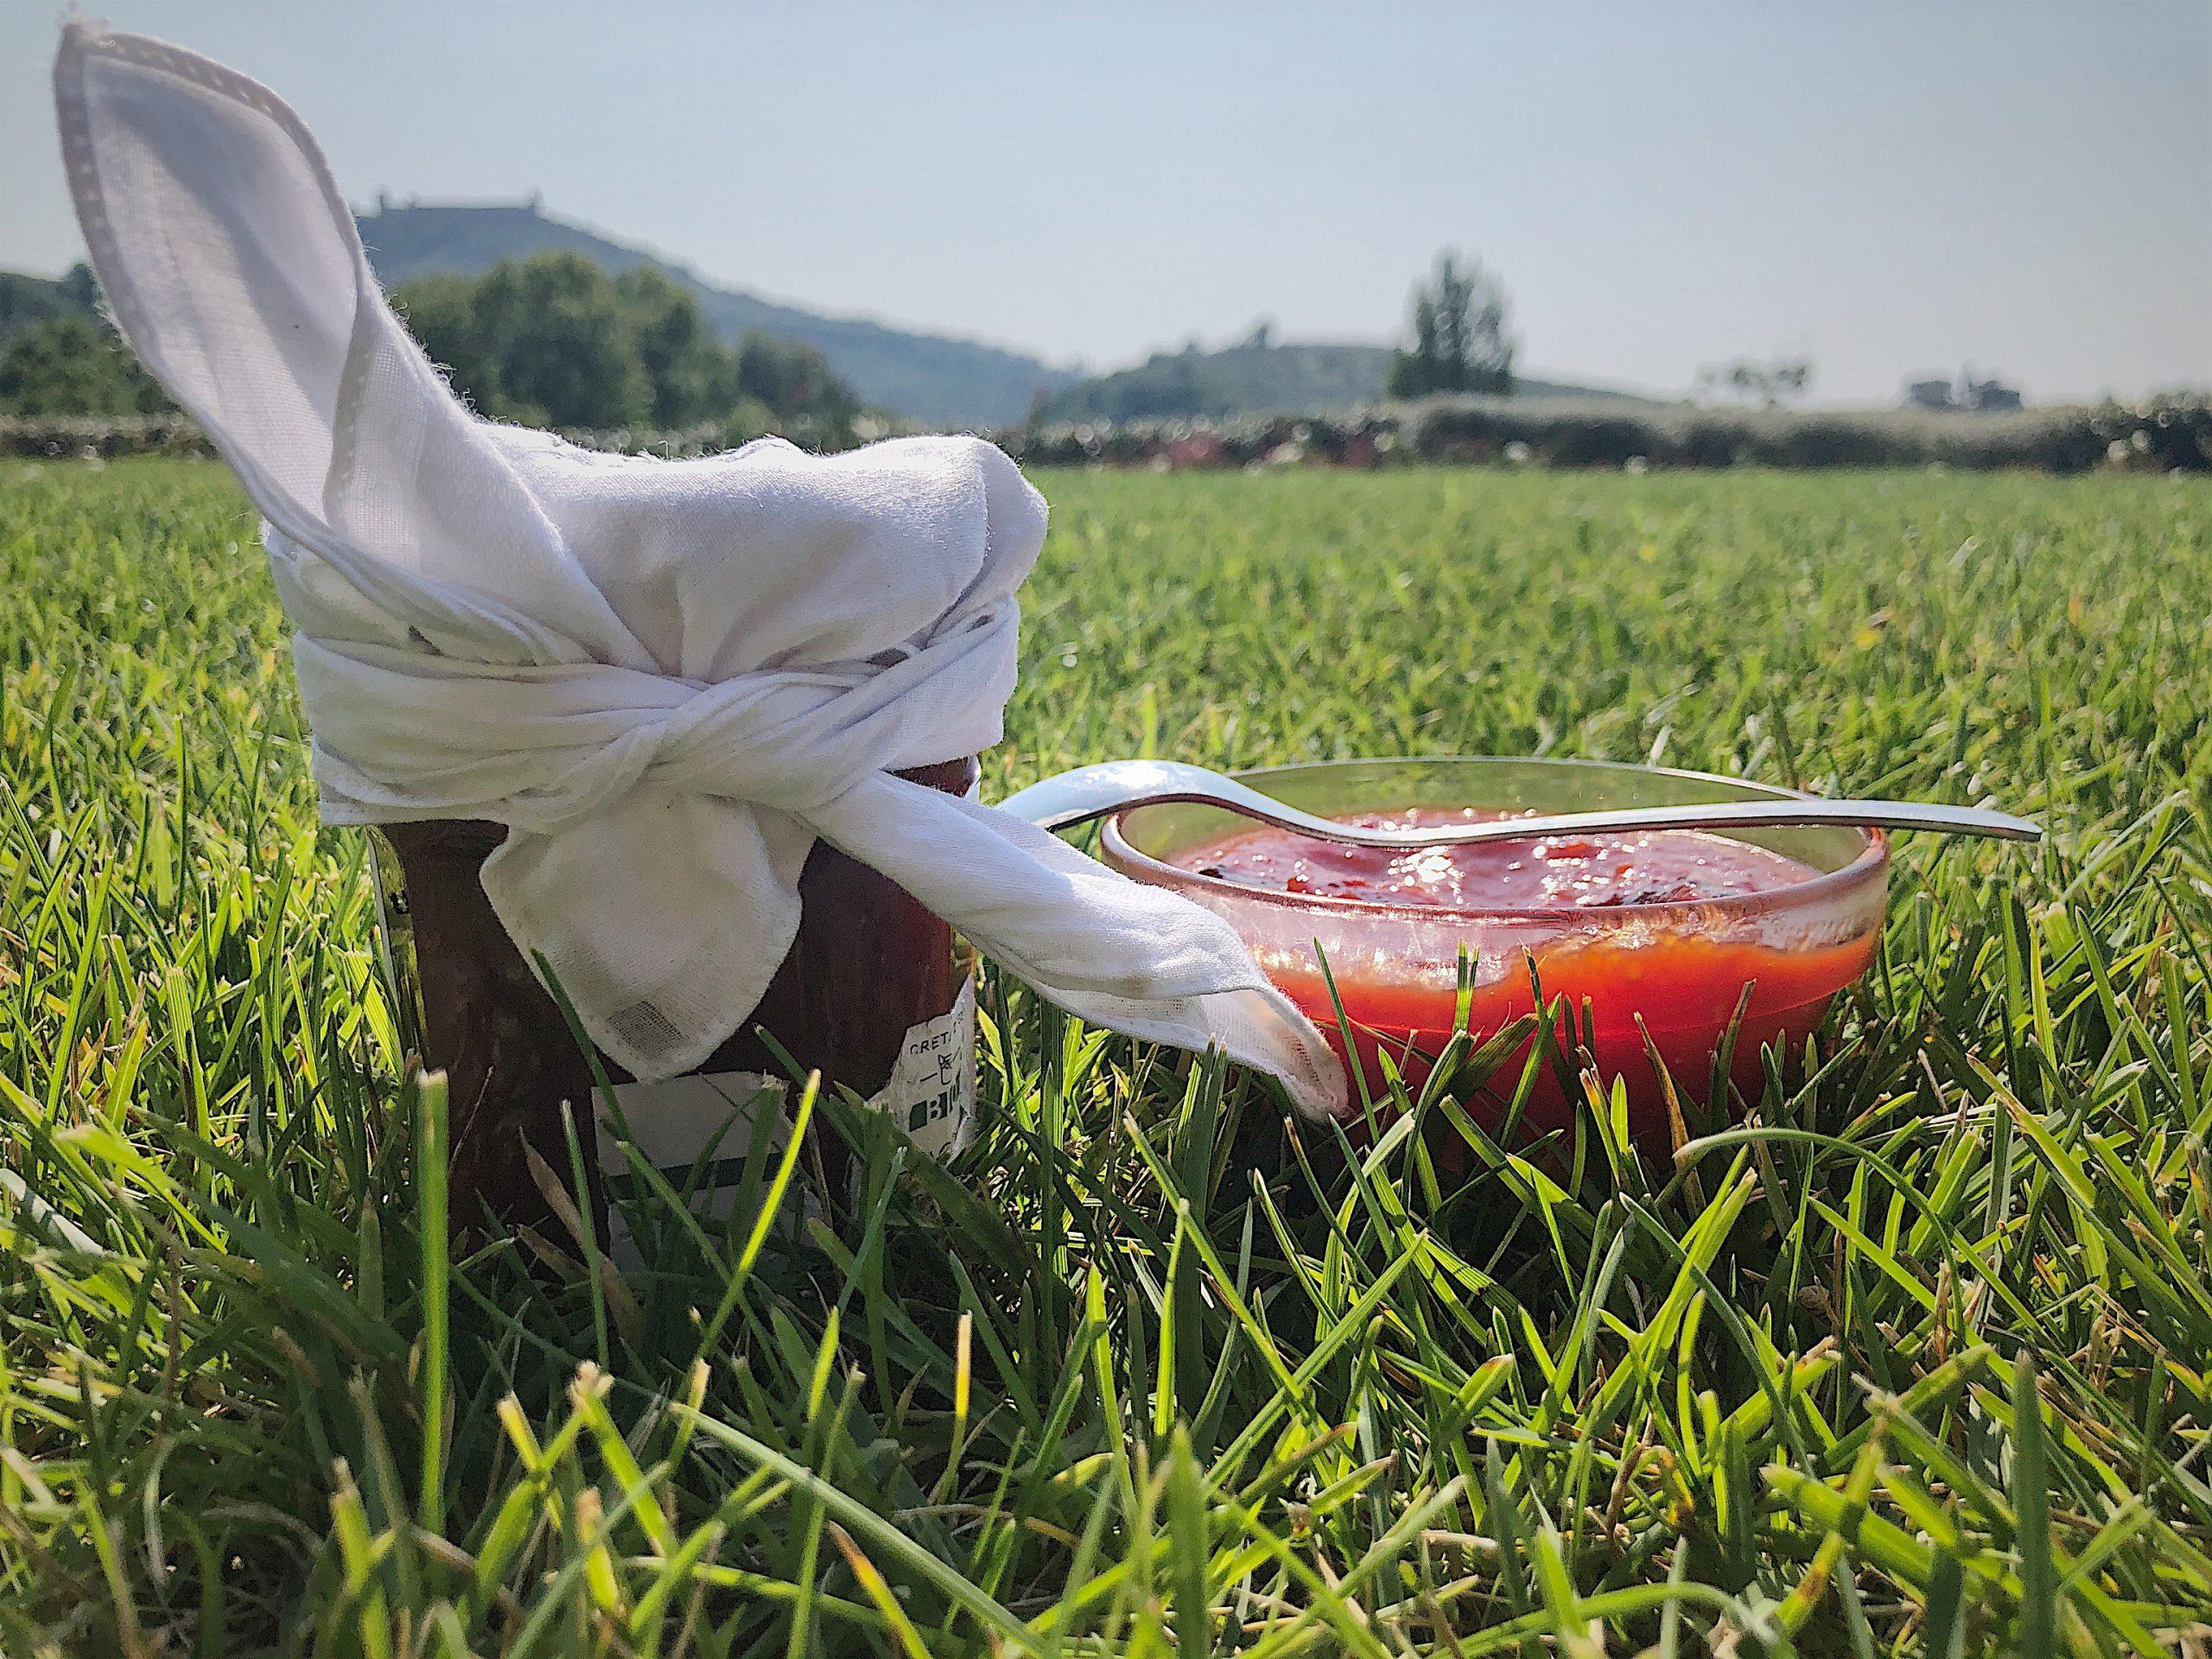 Przepis zero waste - dżem z pomidorów - Thermomix, Monsieur Cuisine